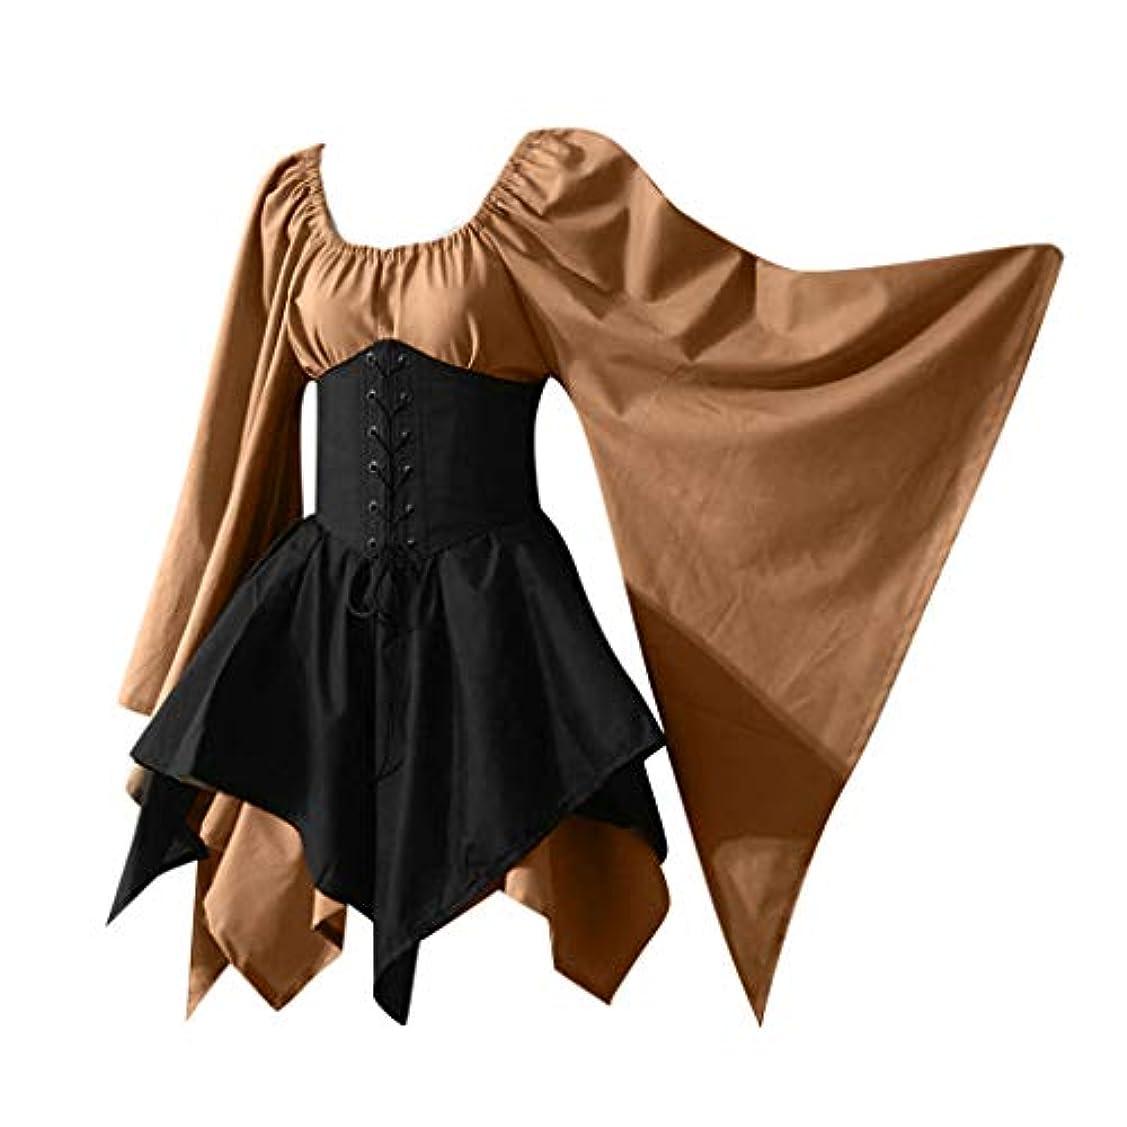 系統的処理広大なワンピース レディース ステージ衣装 Huliyun 舞台 ドレス コートスタイル制服 コスプレ衣装 レース ヴィンテージ 洋服 コスチューム ドレス ステージ衣装 レディース 洋服